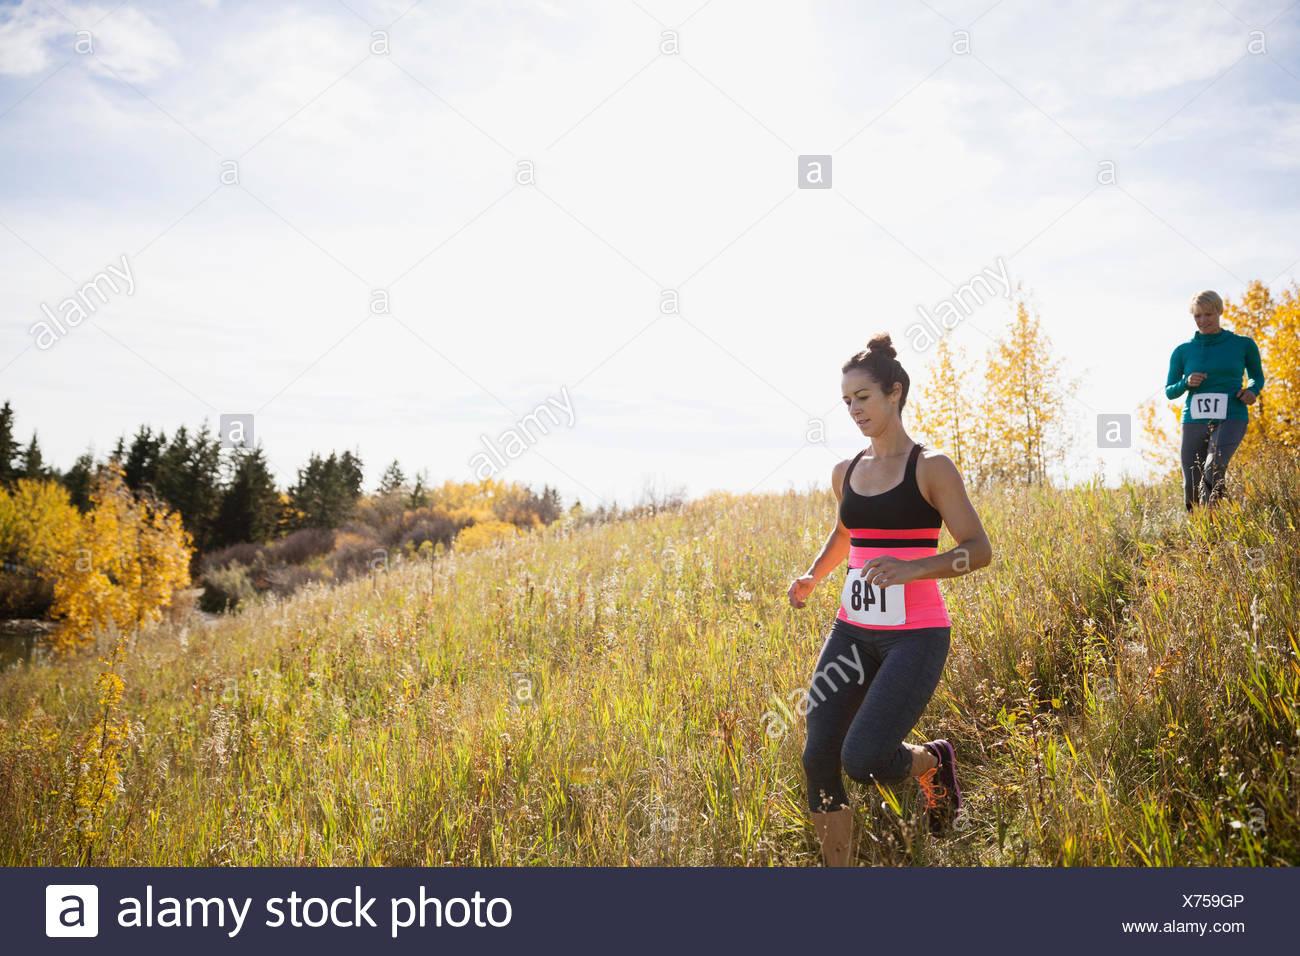 Runners descending sunny autumn slope - Stock Image